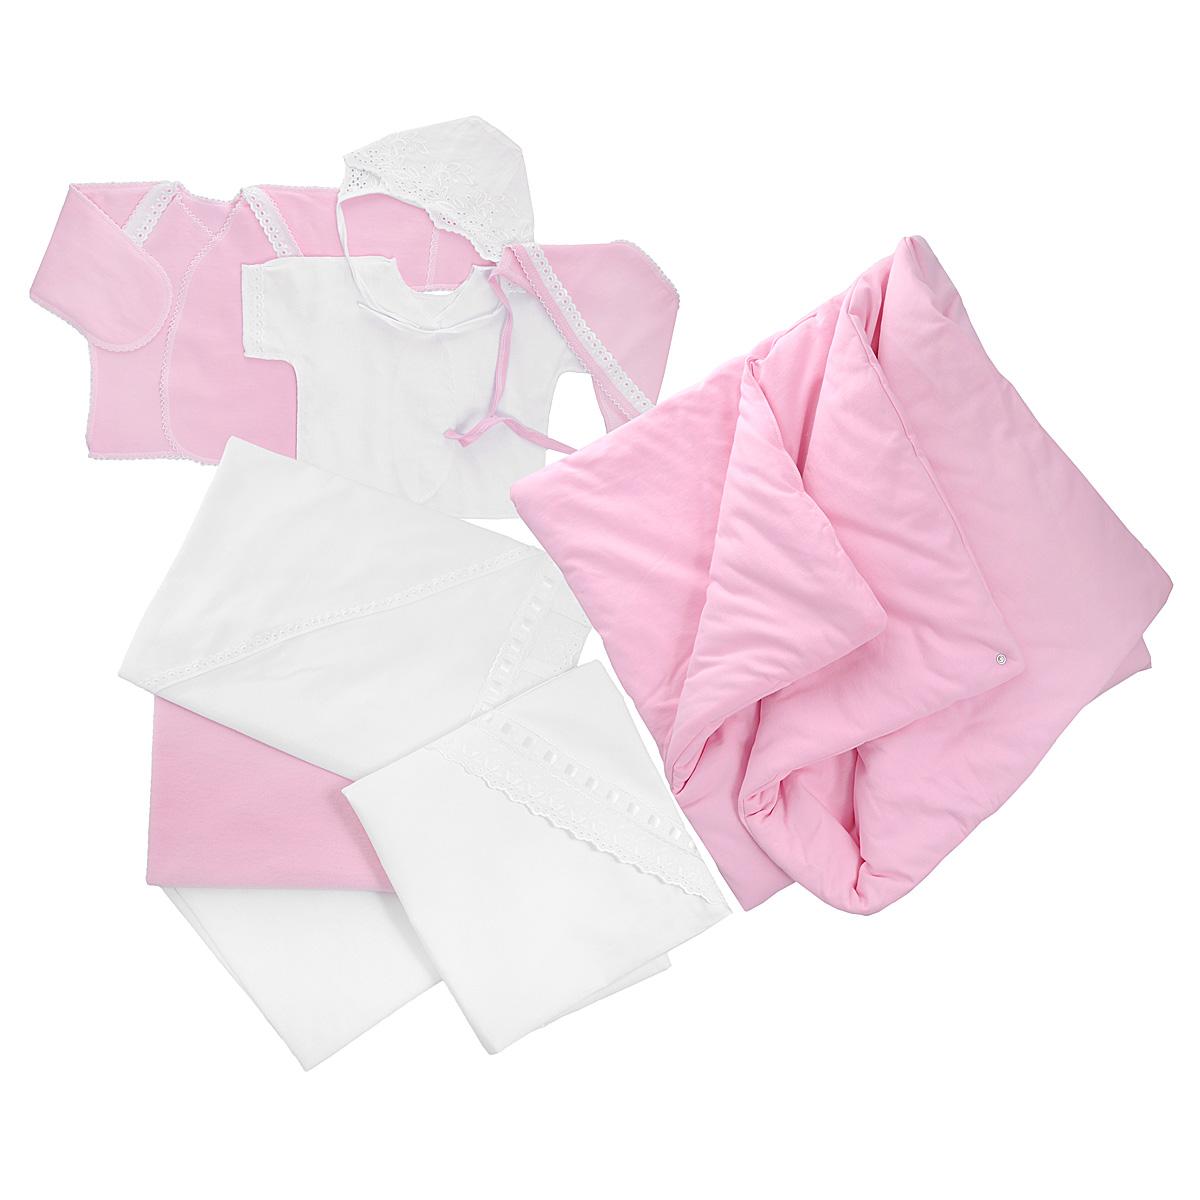 Комплект для новорожденного Трон-Плюс, 9 предметов, цвет: белый, розовый. 3476. Размер 50, 0-1 месяц3476Комплект для новорожденного Трон-плюс - это замечательный подарок, который прекрасно подойдет для первых дней жизни ребенка. Комплект состоит из двух распашонок, двух чепчиков, уголка, двух пеленок, пододеяльника и одеяла. Комплект изготовлен из натурального хлопка, благодаря чему он необычайно мягкий и приятный на ощупь, не сковывает движения младенца и позволяет коже дышать, не раздражает даже самую нежную и чувствительную кожу ребенка, обеспечивая ему наибольший комфорт. Легкая распашонка с короткими рукавами выполнена швами наружу. Изделие украшено вышивкой, а рукава декорированы ажурными рюшами и петельками.Теплая распашонка с запахом выполнена швами наружу. Декорирована распашонка ажурными рюшами. А благодаря рукавичкам ребенок не поцарапает себя. Ручки могут быть как открытыми, так и закрытыми. Чепчик защищает еще не заросший родничок, щадит чувствительный слух малыша, прикрывая ушки, и предохраняет от теплопотерь. Комплект содержит два чепчика: один - легкий мягкий чепчик с завязками выполнен швами наружу и украшен вышивками, а второй - теплый чепчик выполнен из футера швами наружу и украшен ажурными рюшами и петельками. Очаровательный уголок, выполненный из натурального хлопка и украшенный вышивками и атласной лентой, необычайно мягкий и легкий, не раздражает нежную кожу ребенка и хорошо вентилируется, а эластичные швы приятны телу младенца. Уголок обеспечивает вашему ребенку комфорт! Пеленка станет незаменимым помощником в деле ухода за ребенком. В комплект входят две пеленки: легкая из мадаполама и теплая из футера, отделанная ажурными петельками.Пододеяльник, выполненный из бязи отбеленной, дополнен двумя треугольными вырезами, отделанными вышивкой и атласной лентой.Одеяло из футера необычно мягкое и приятное на ощупь. Оно имеет три слоя синтепона и дополнено застежками-кнопками, благодаря которым его можно использовать в качестве конверта.Предметы наб